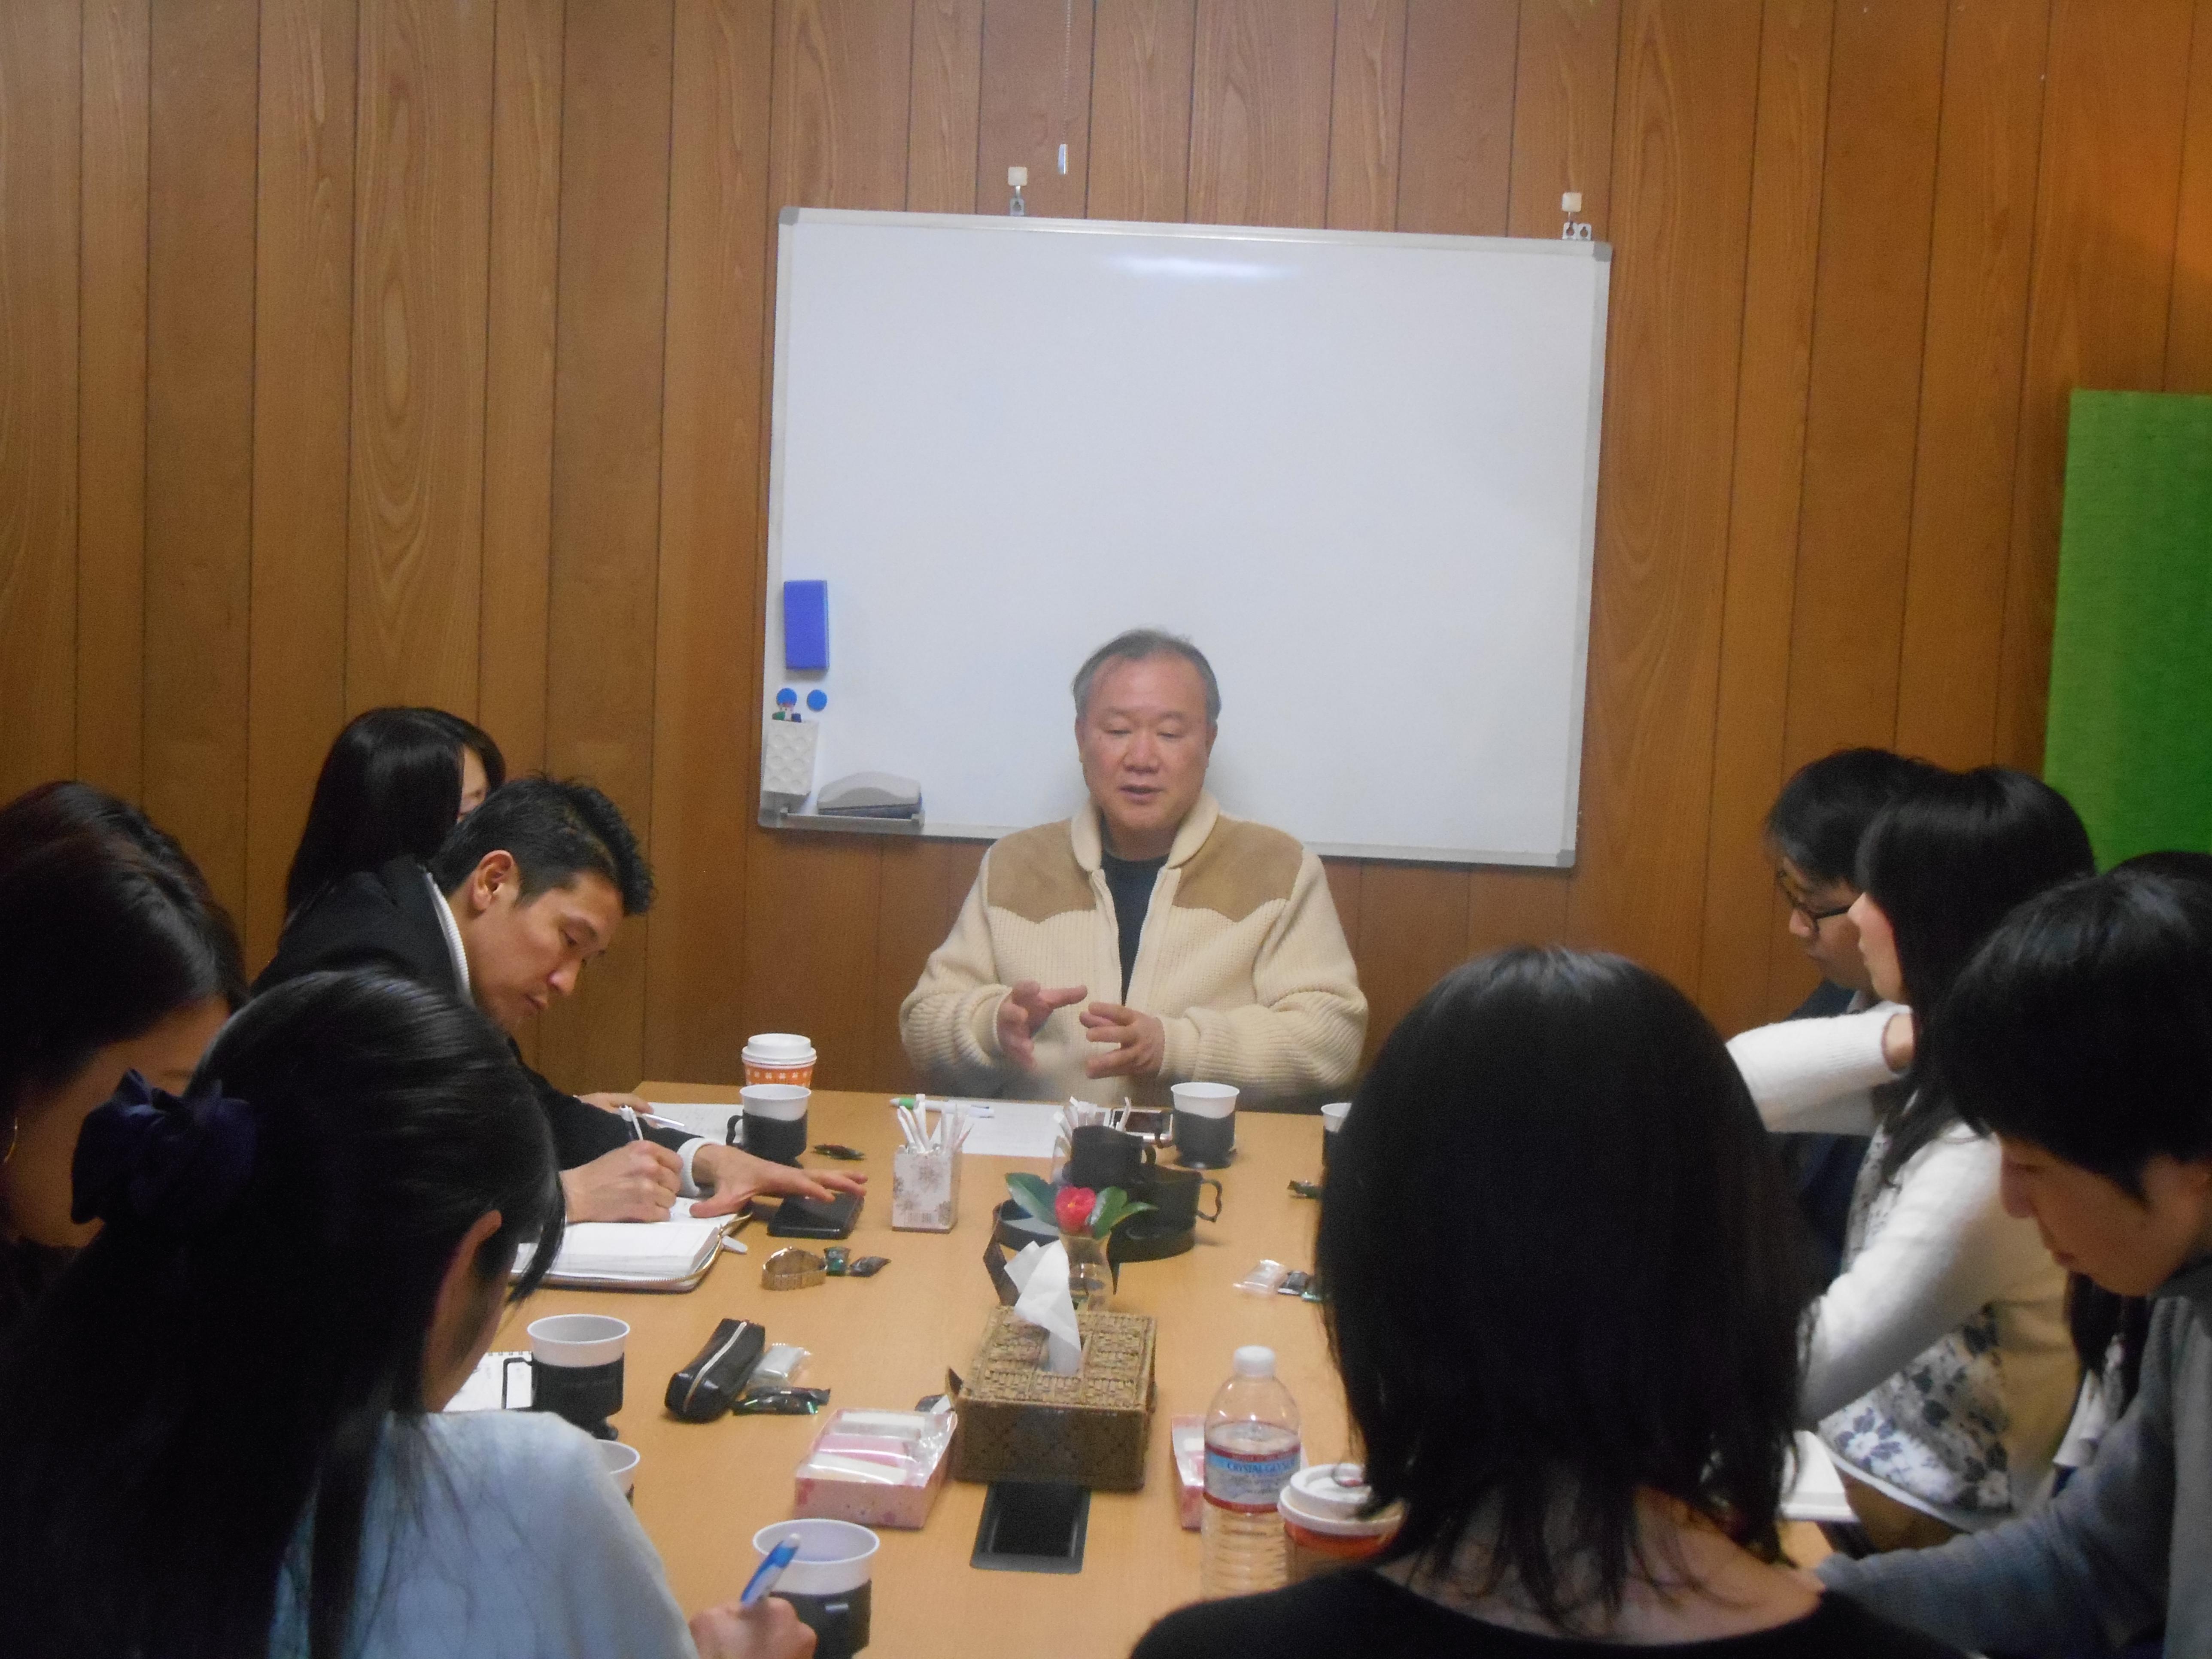 DSCN0013 - 愛の子育て塾14期第4講座